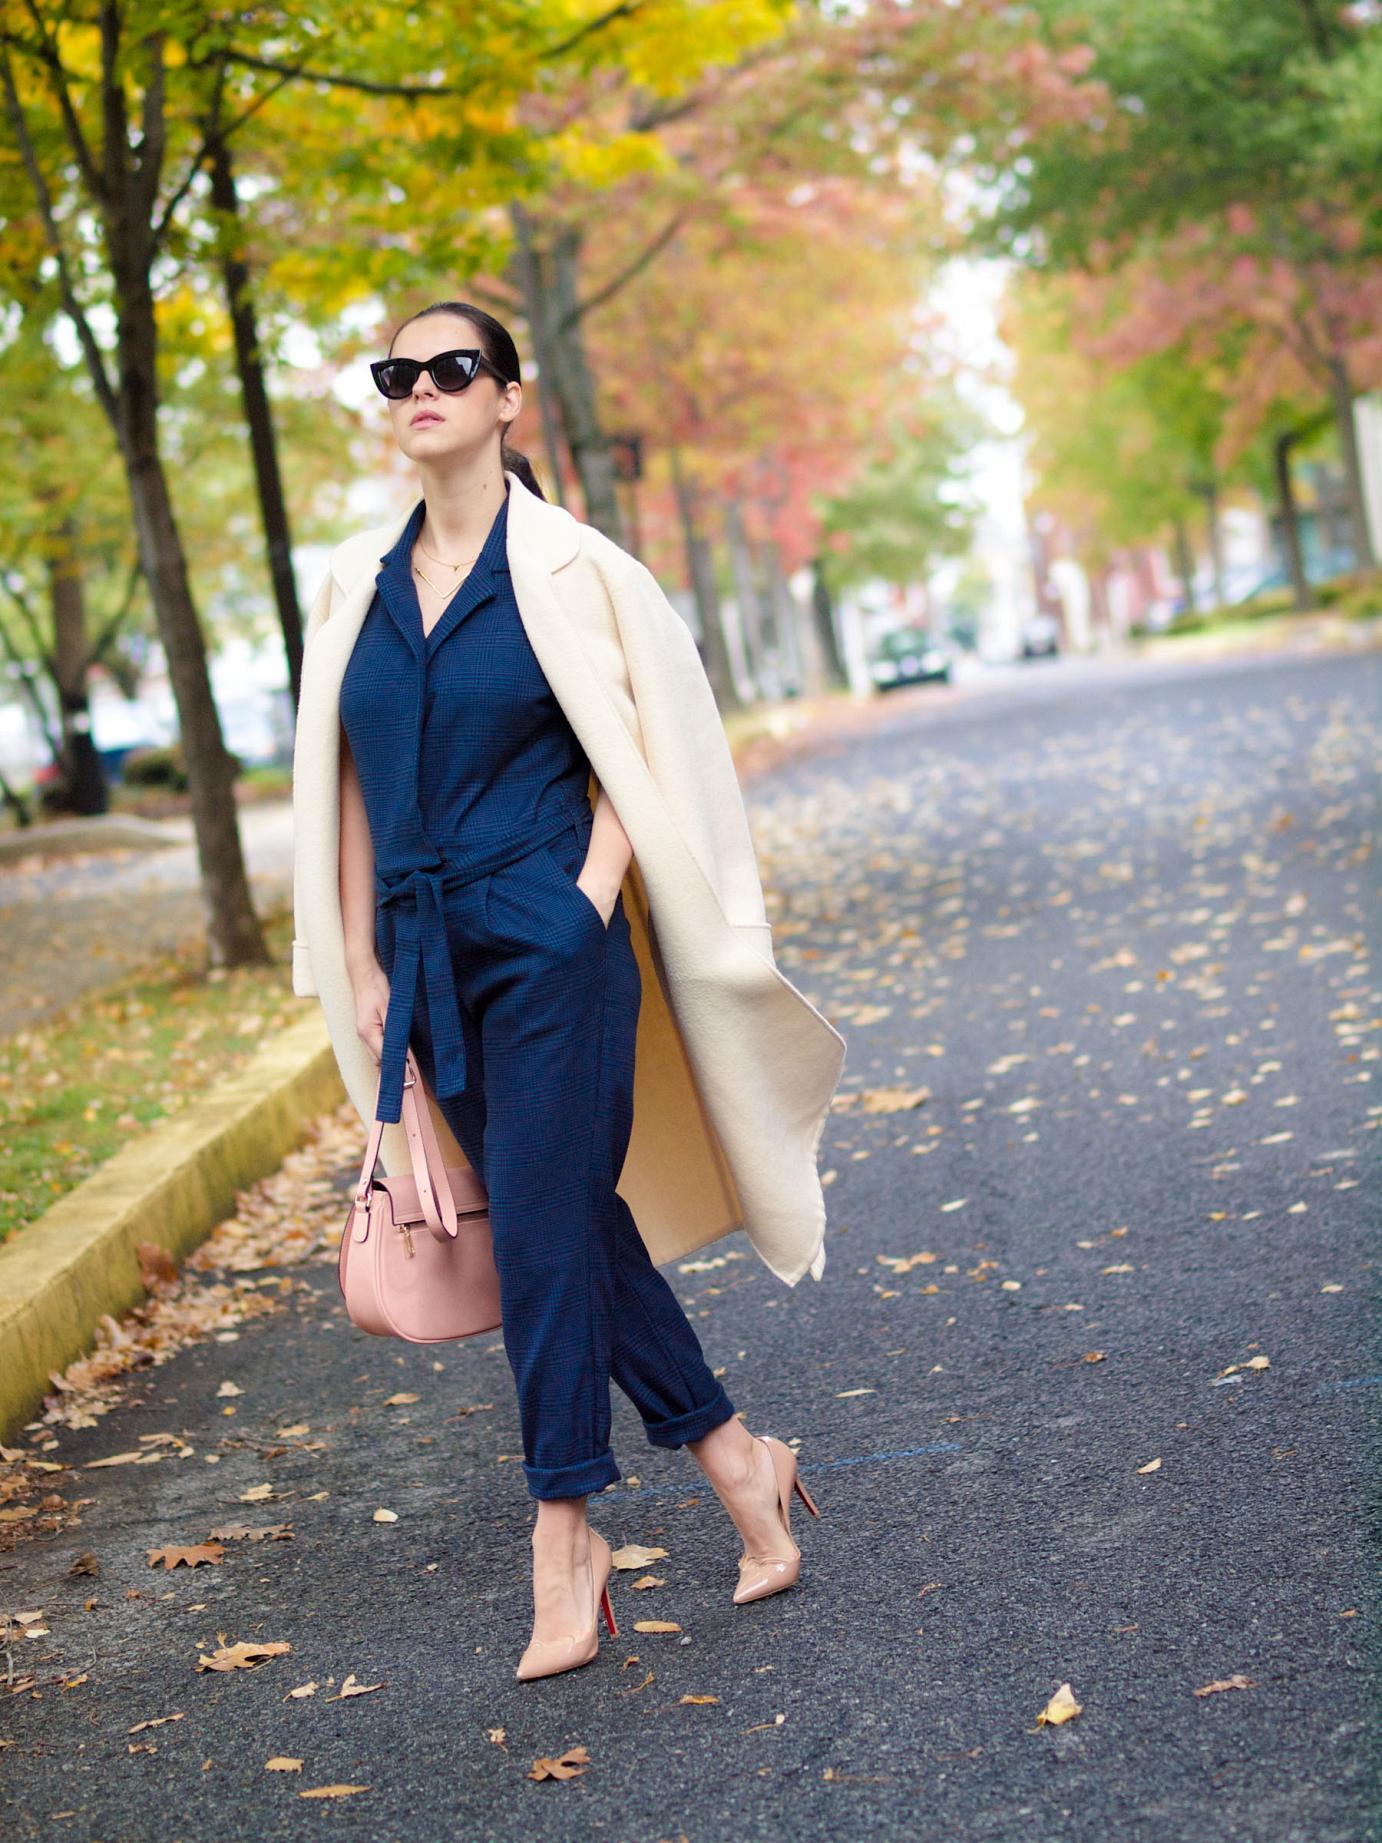 С чем носить комбинезон: сезонный фактор